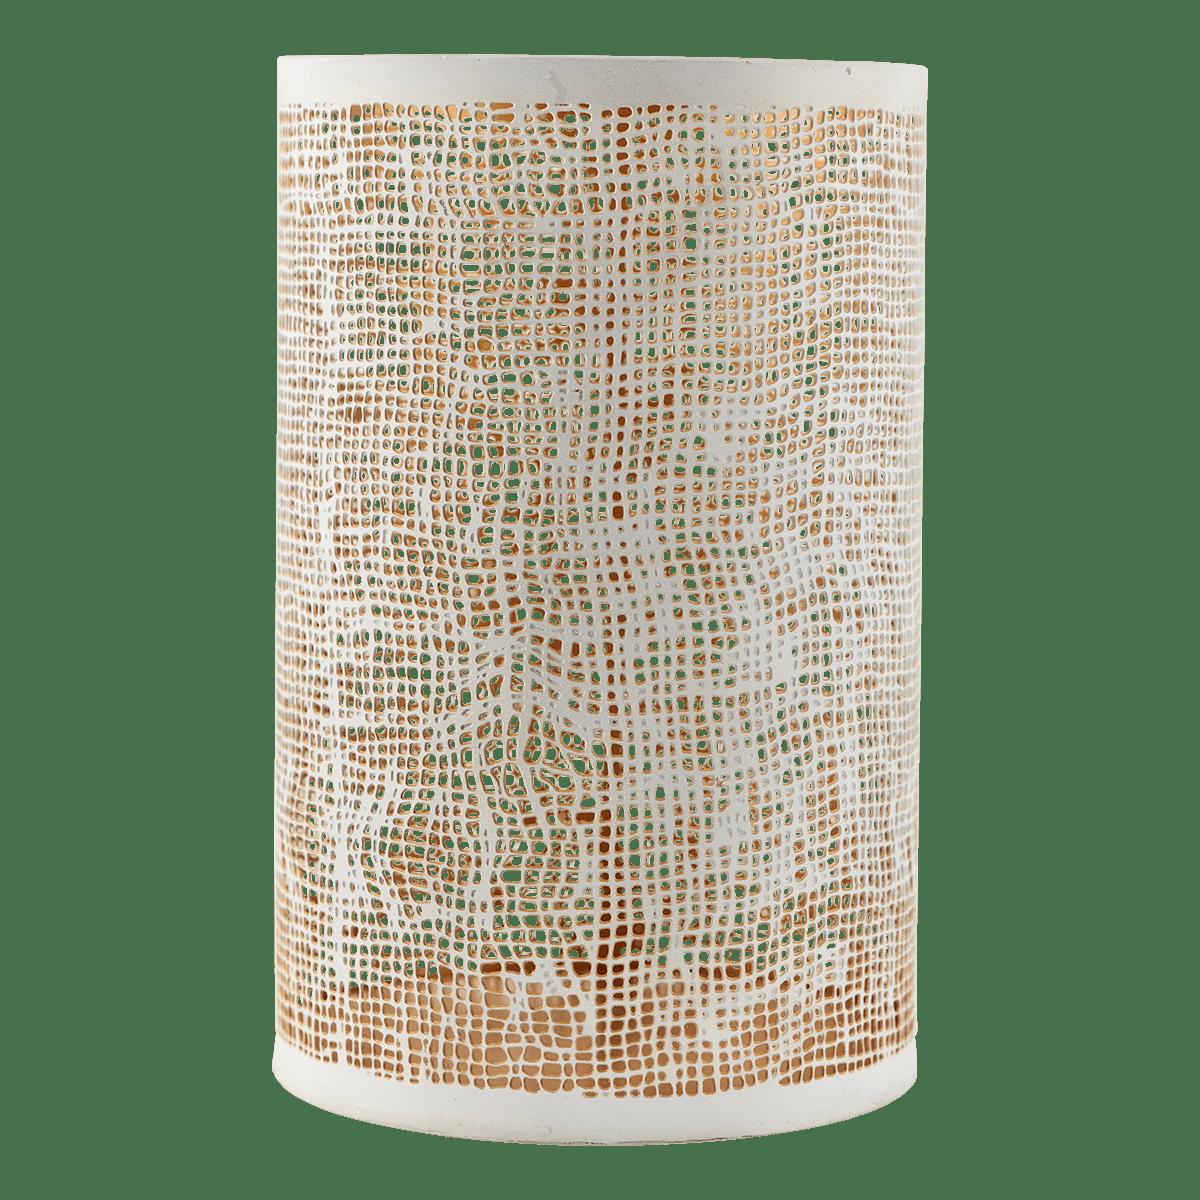 Bílozlaté stínítko na svíčku Hessian velké